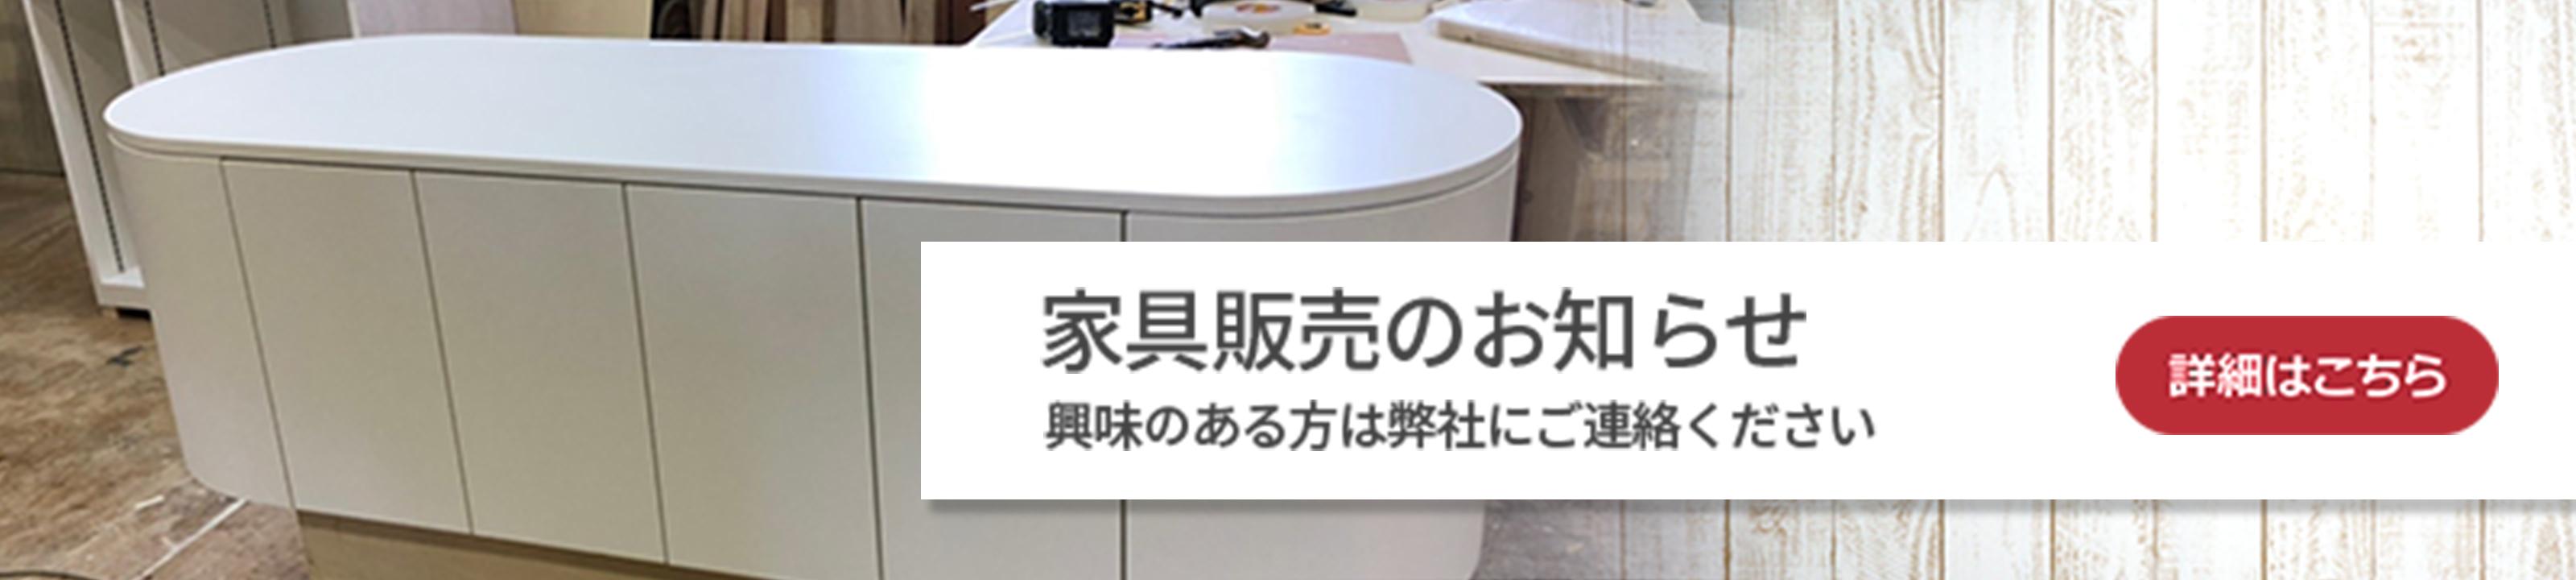 家具販売のお知らせ